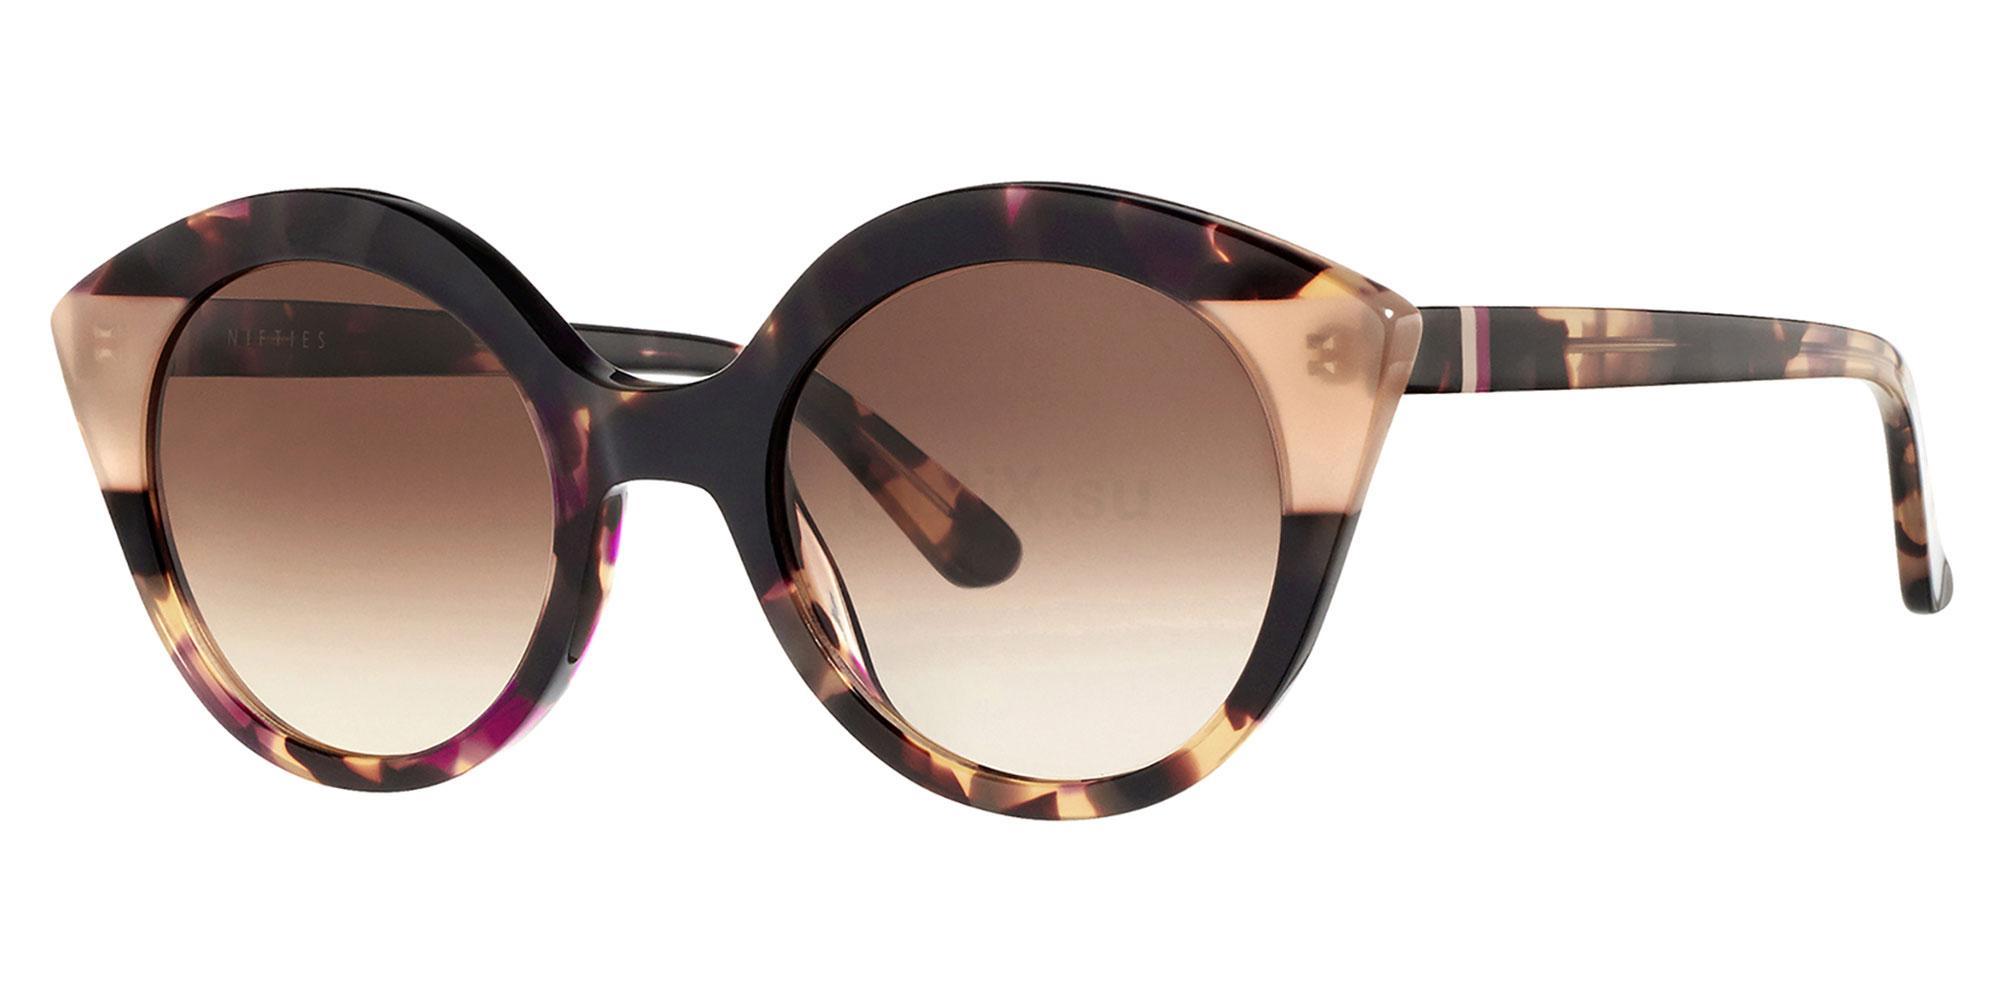 5534 NI9798 Sunglasses, Nifties